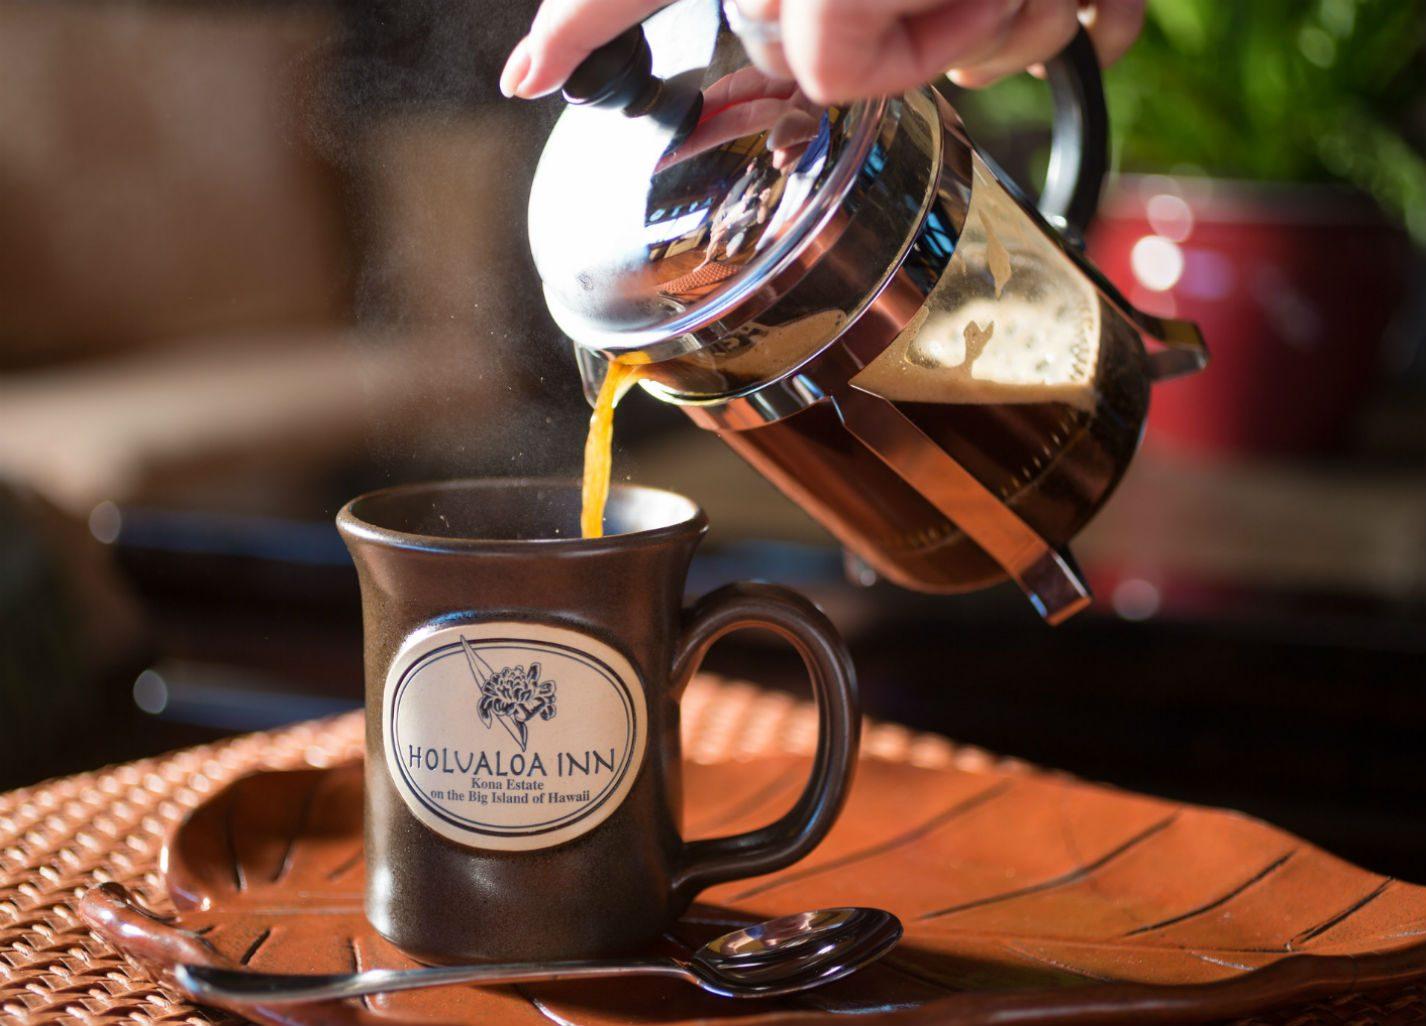 Hot Kona Coffee being poured into mug at the Holualoa Inn